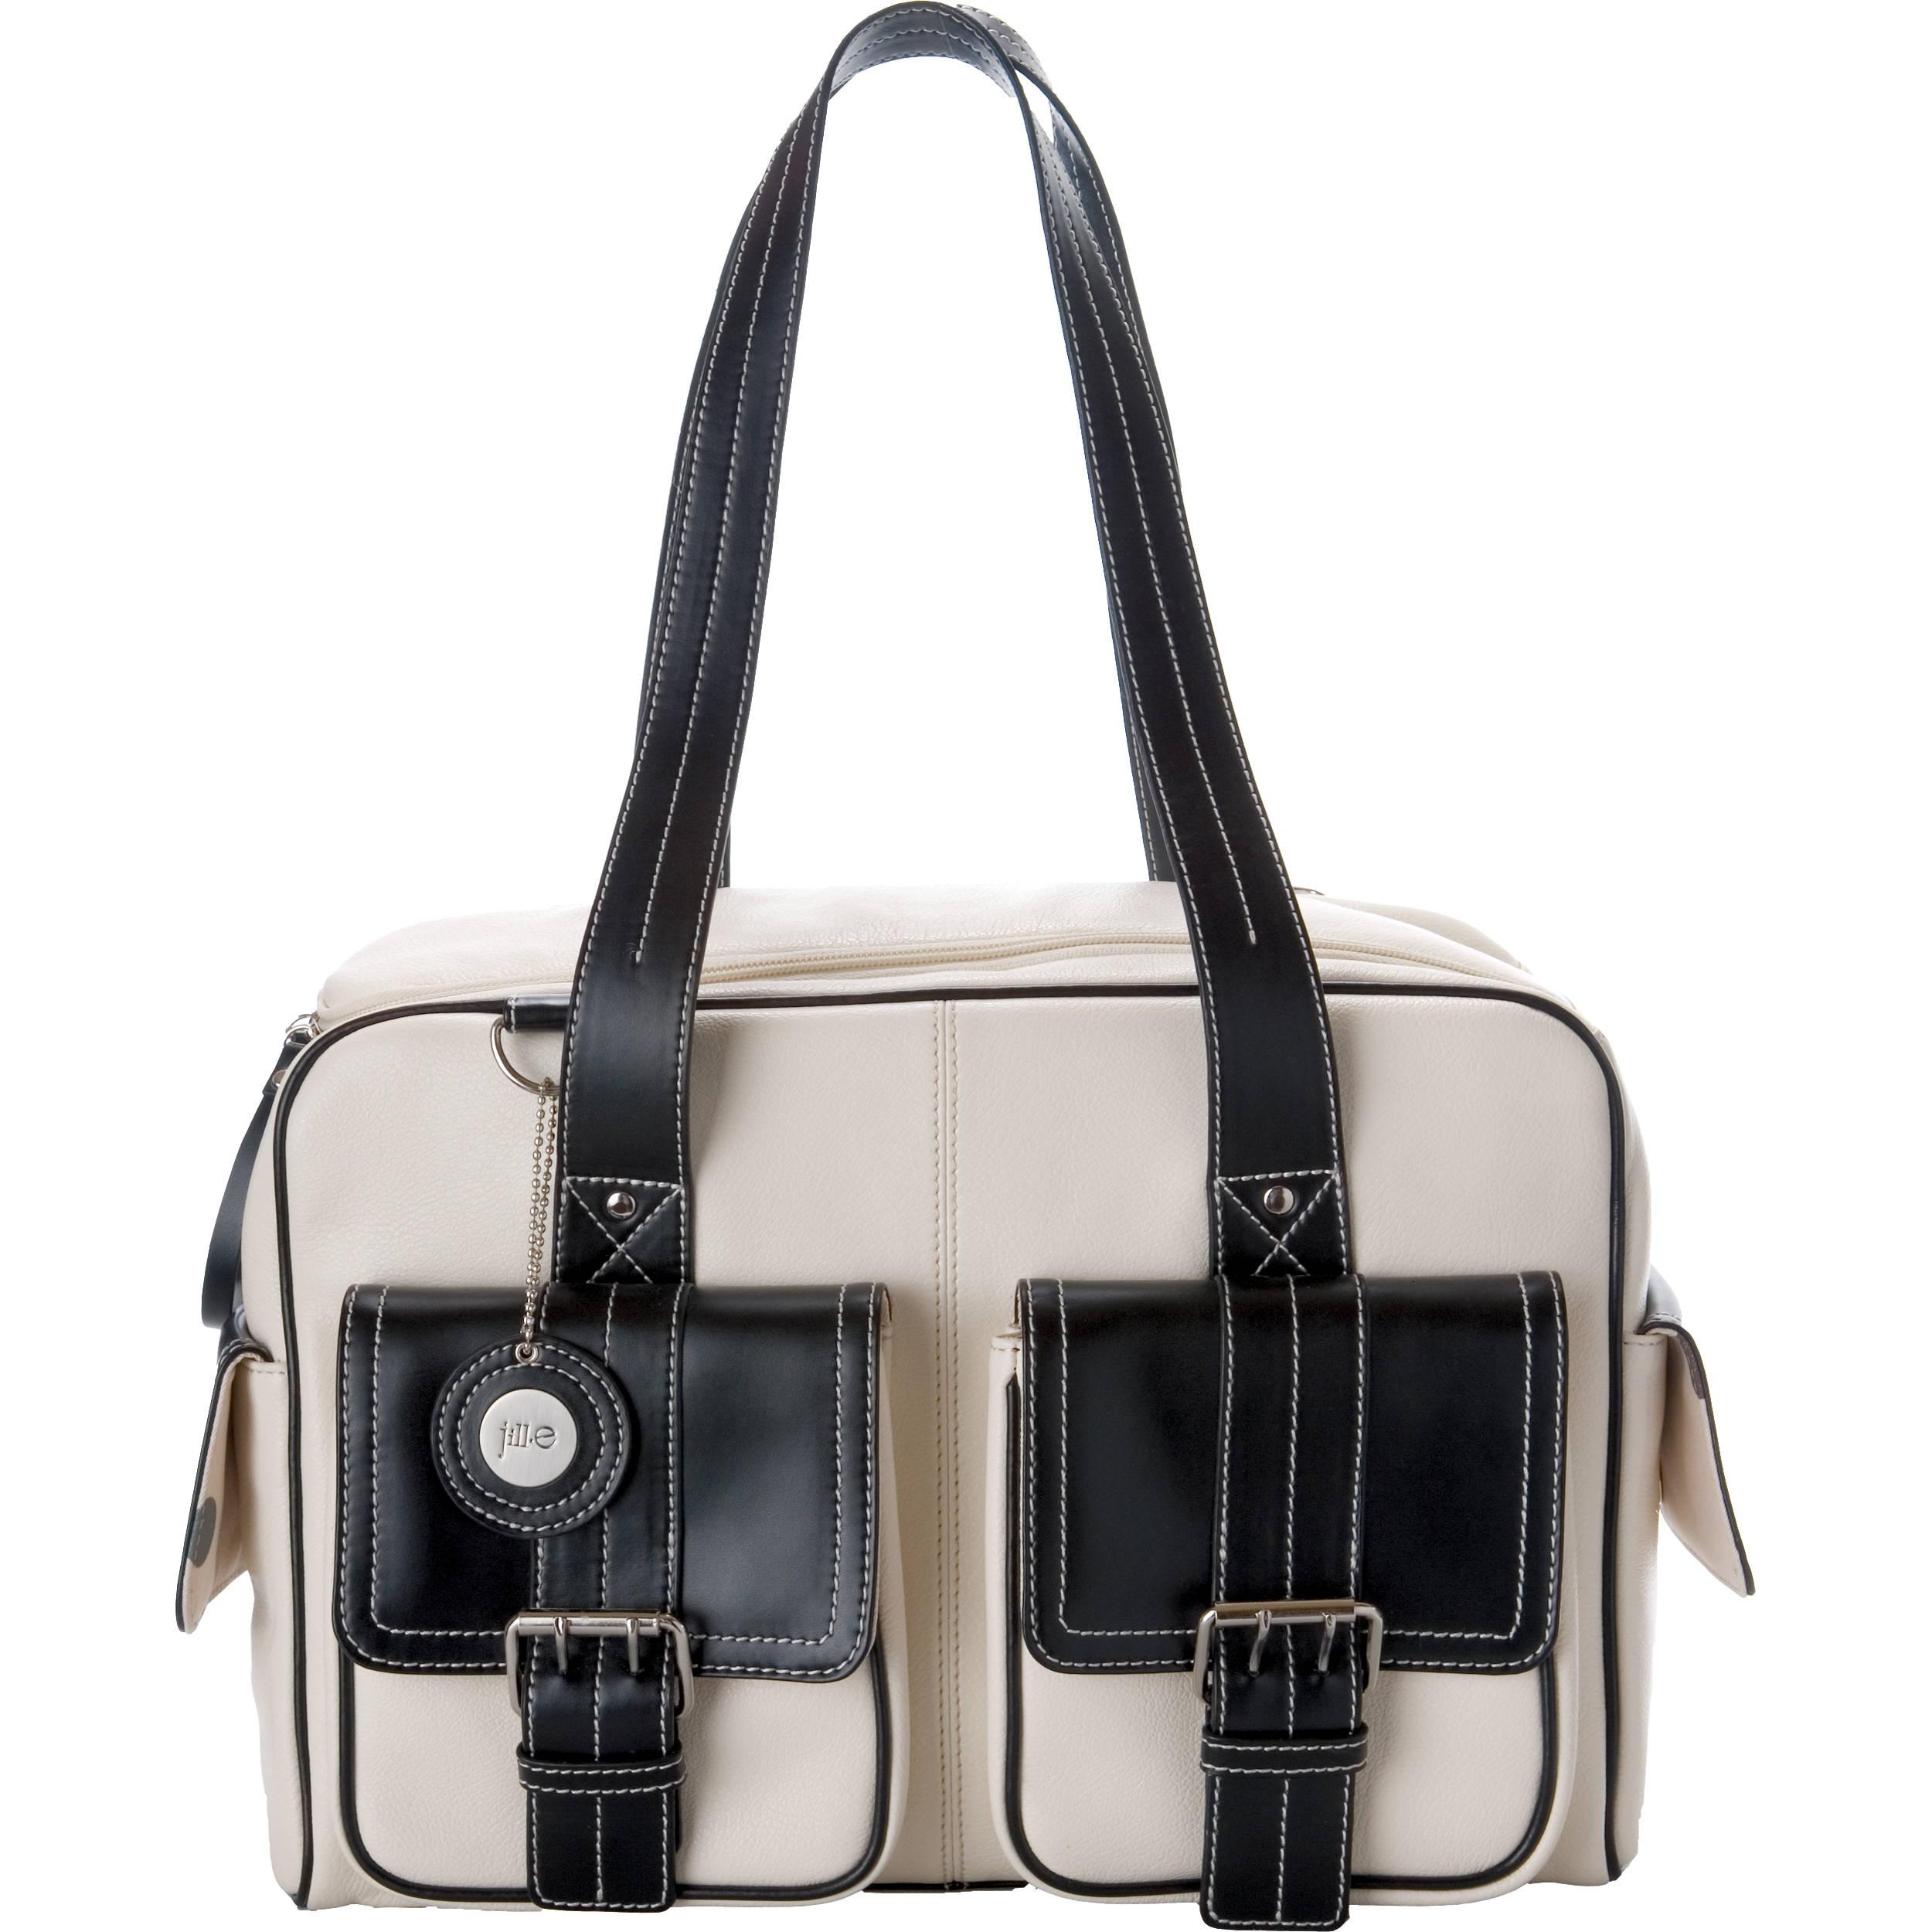 Jill E Designs Medium Camera Bag Bone With Black Trim